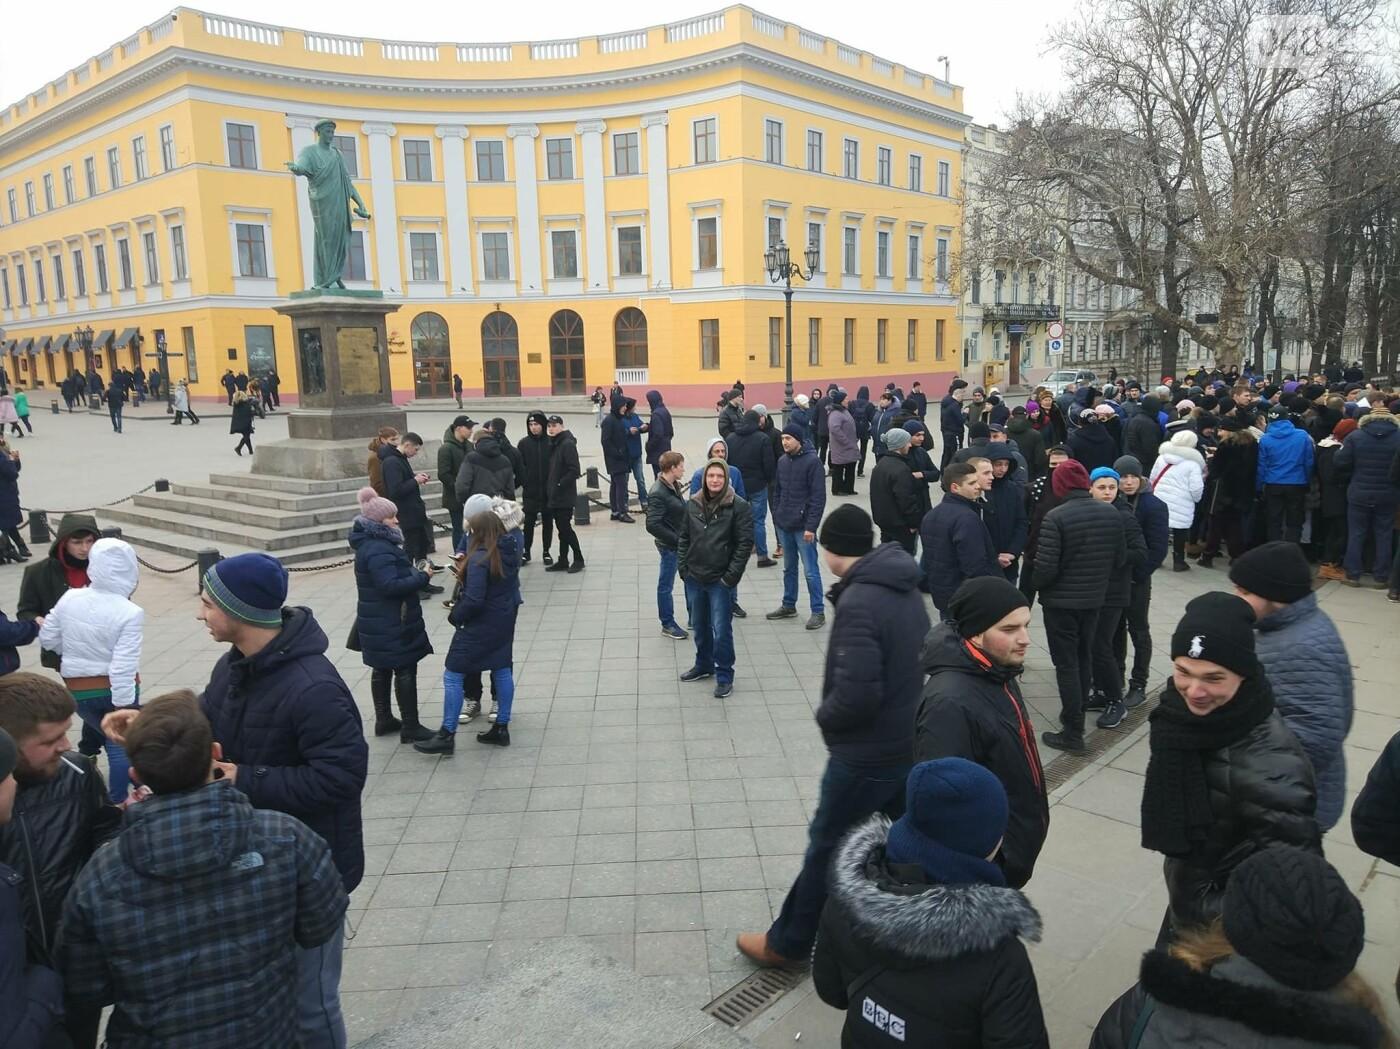 Выборы президента - в Одессе собрали митинг за несуществующего кандидата - фото 5